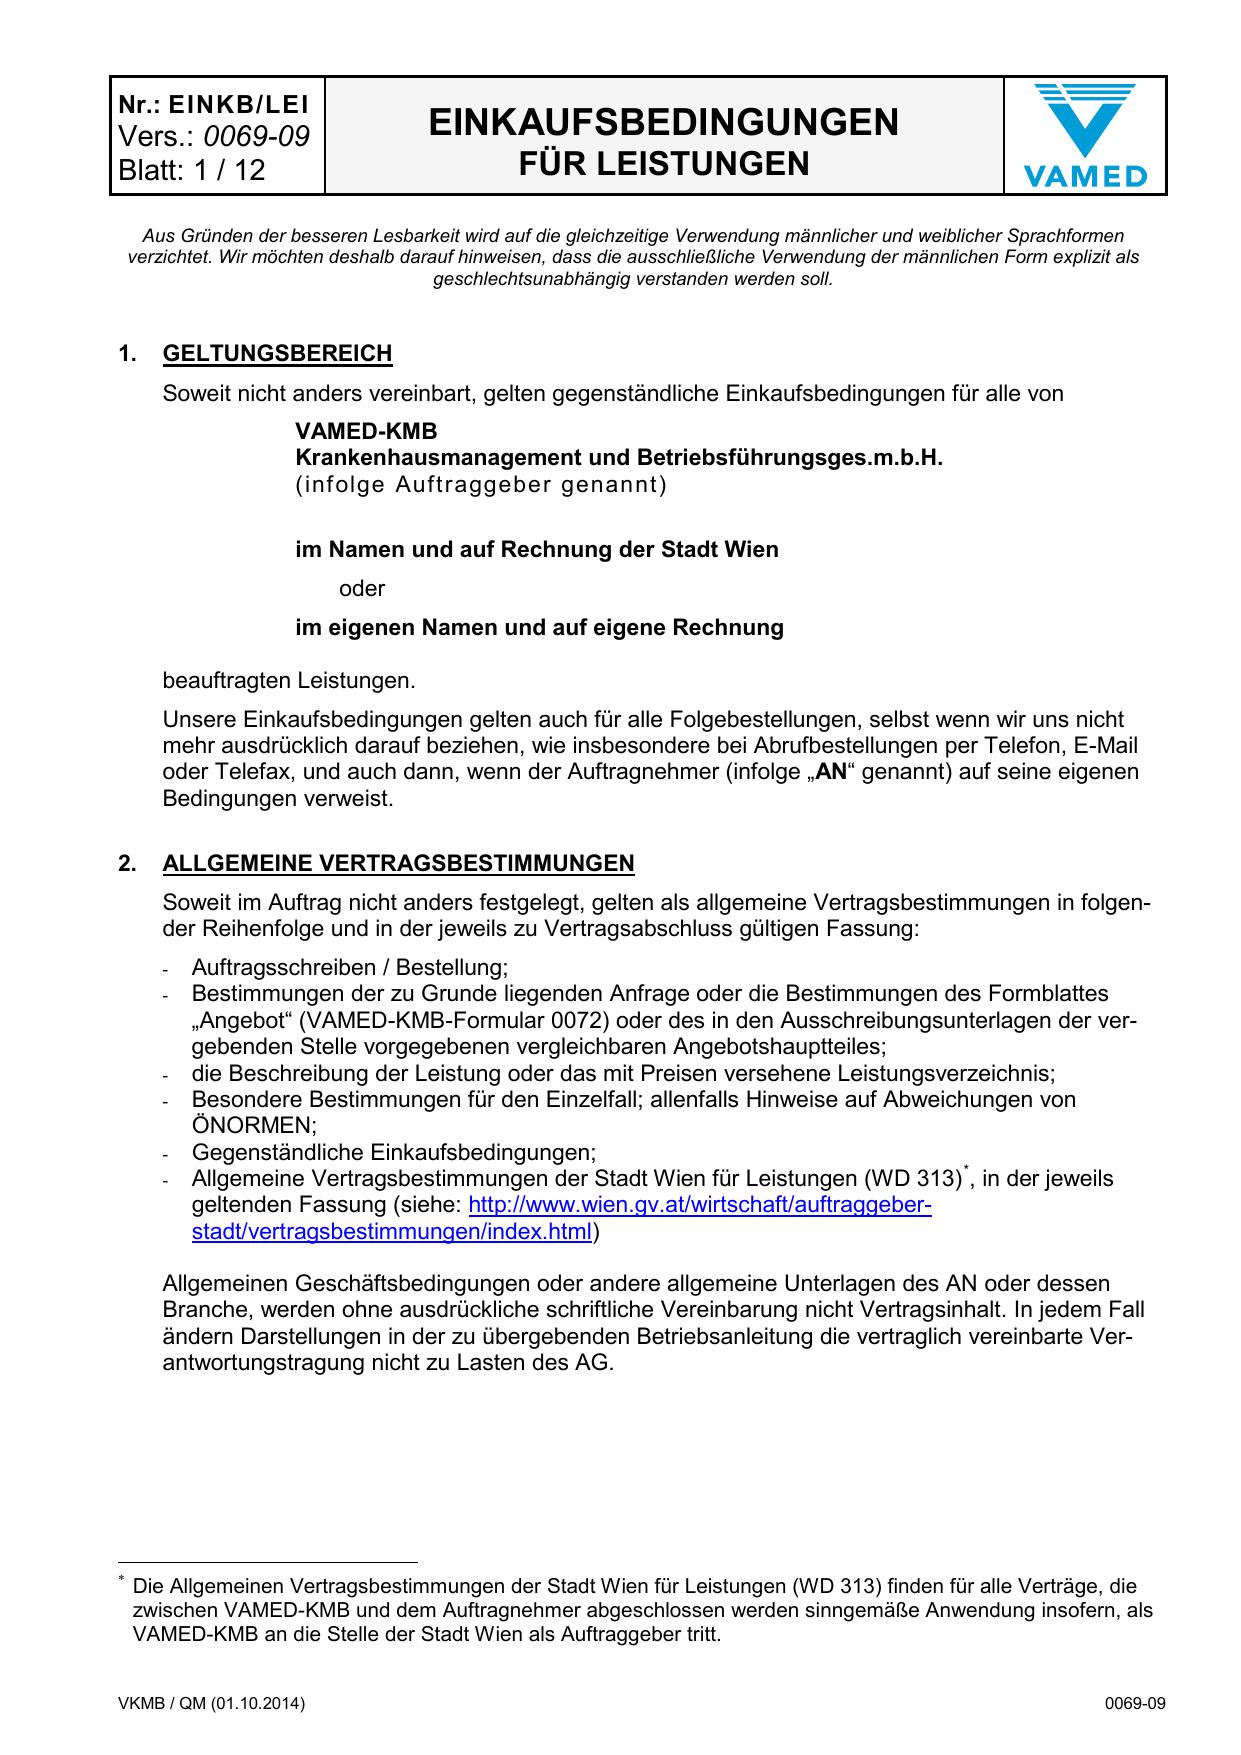 Einkaufsbedingungen für Leistungen (Version 0069-09) | manualzz.com